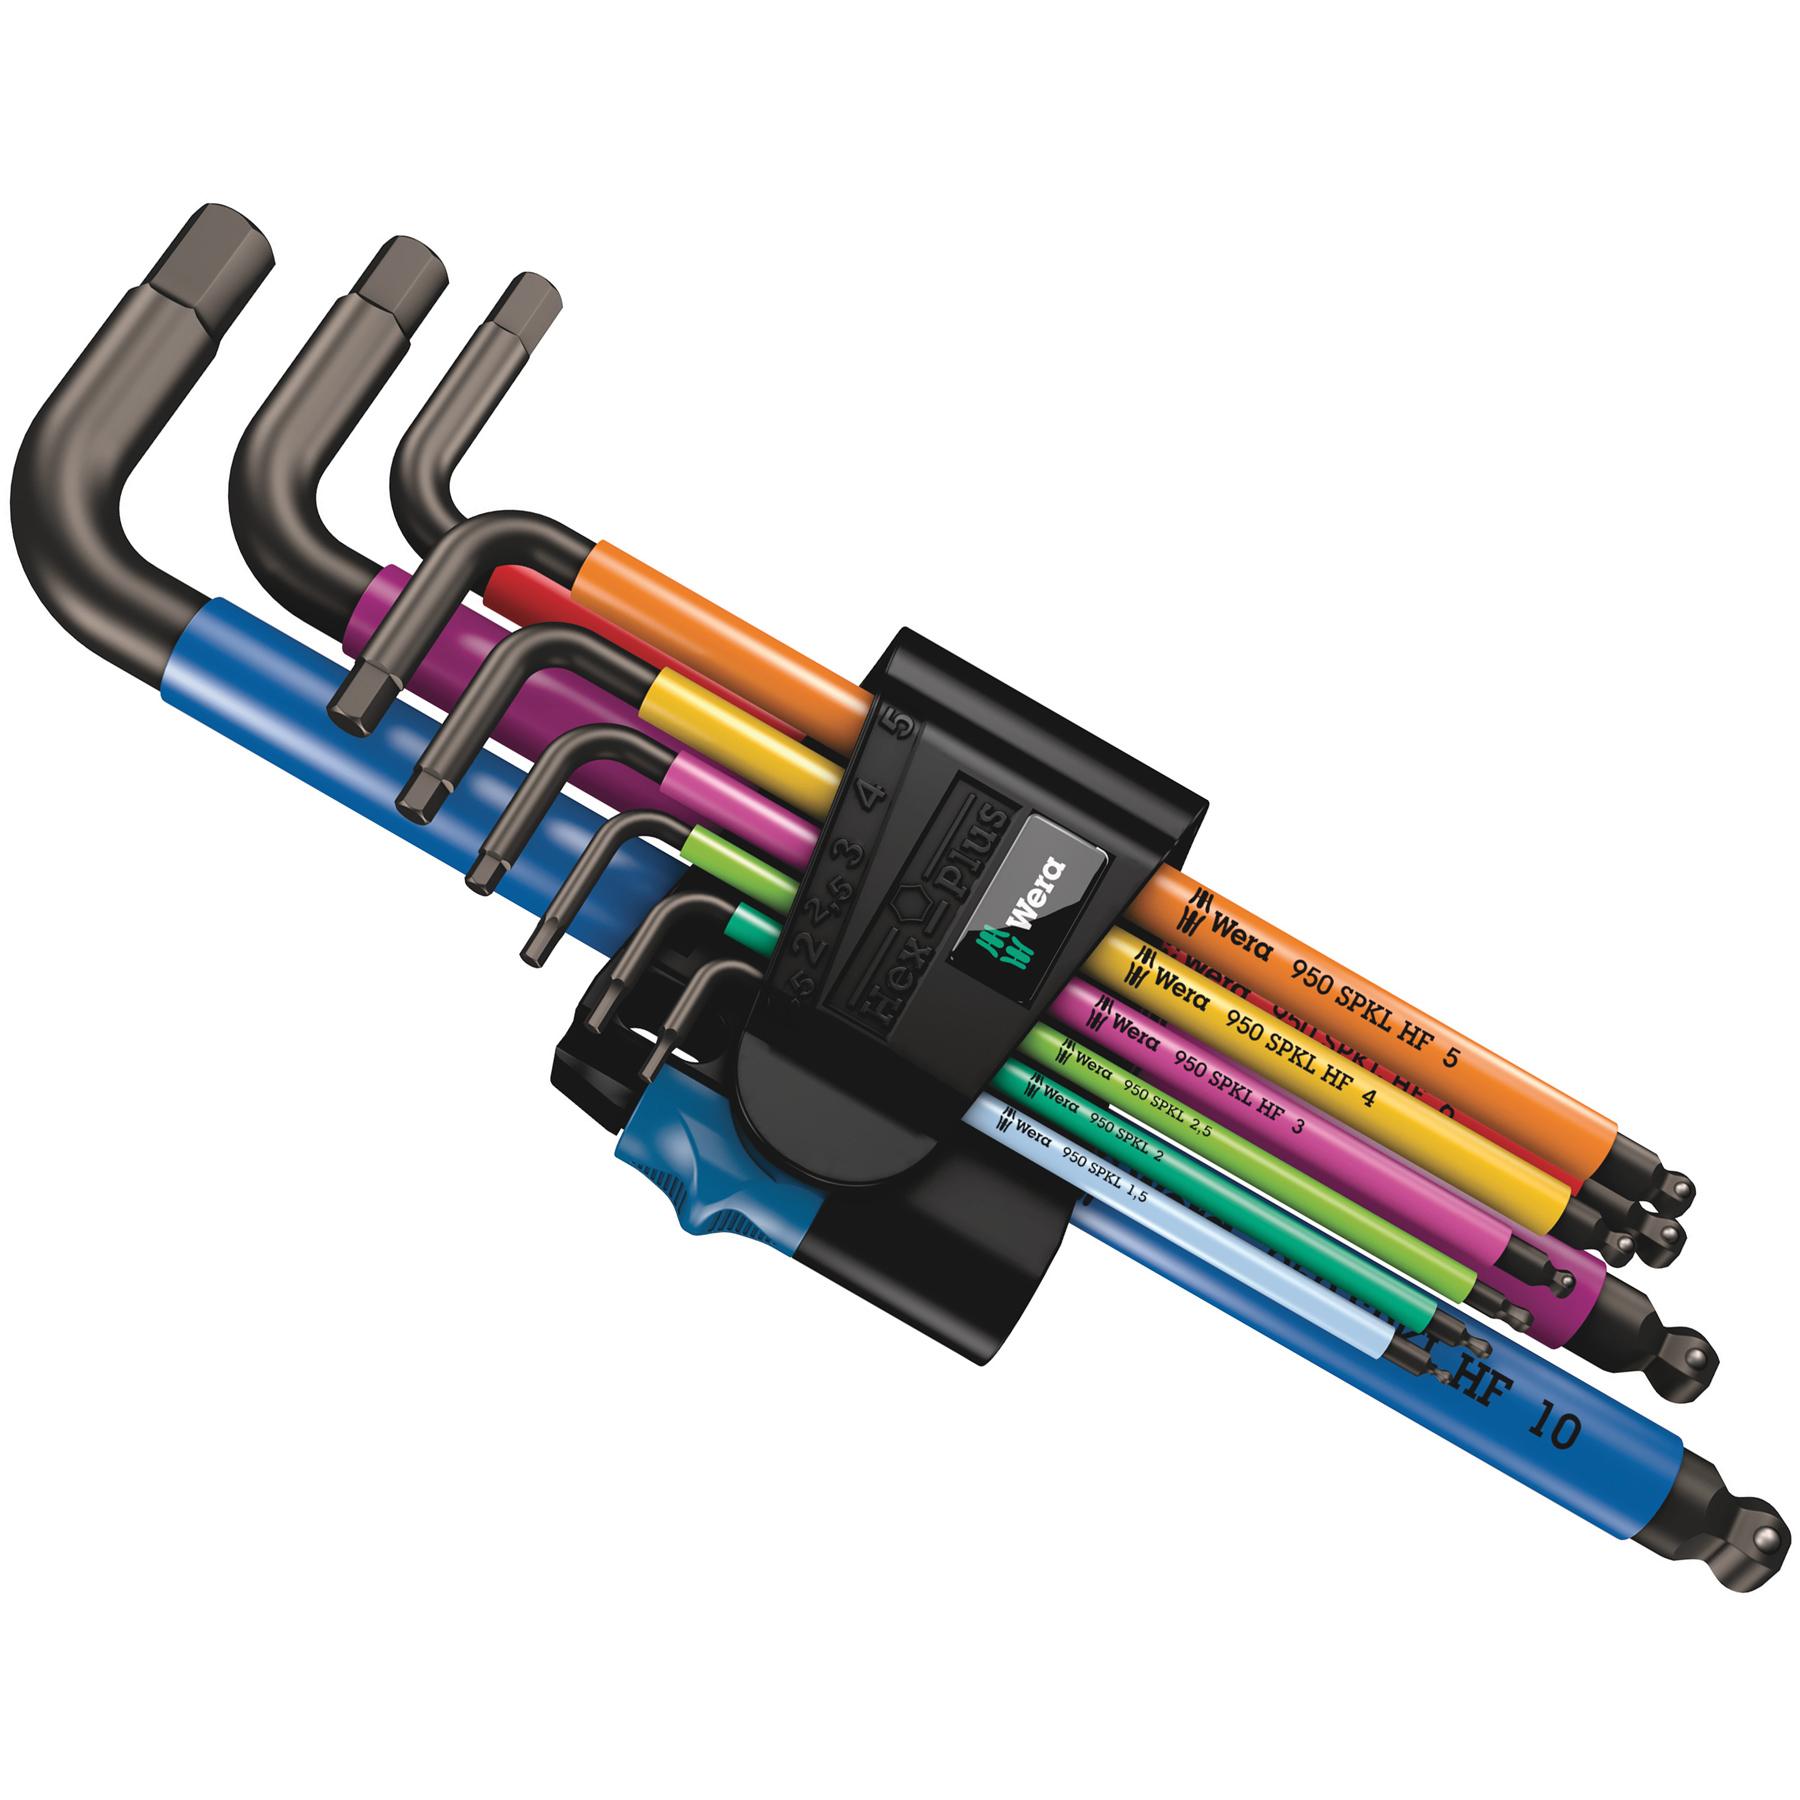 Wera 950/9 Hex-Plus Multicolour HF 1 - Winkelschlüsselsatz Innensechskant